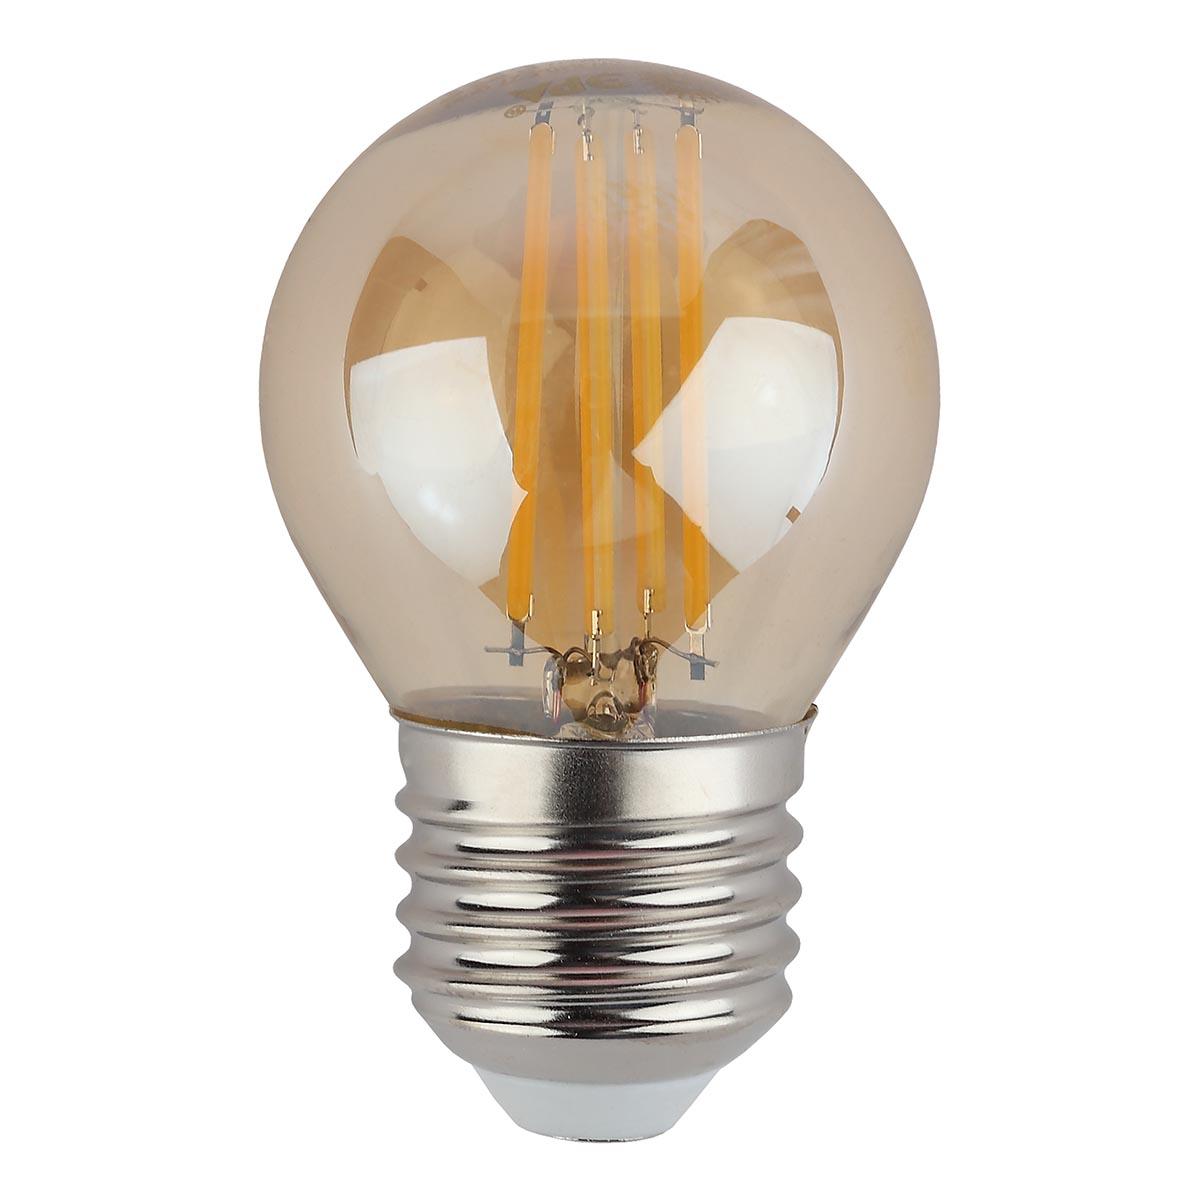 Лампочка ЭРА F-LED P45-9w-827-E27 gold F-LED P45 лампа светодиодная led p45 9w 827 e27